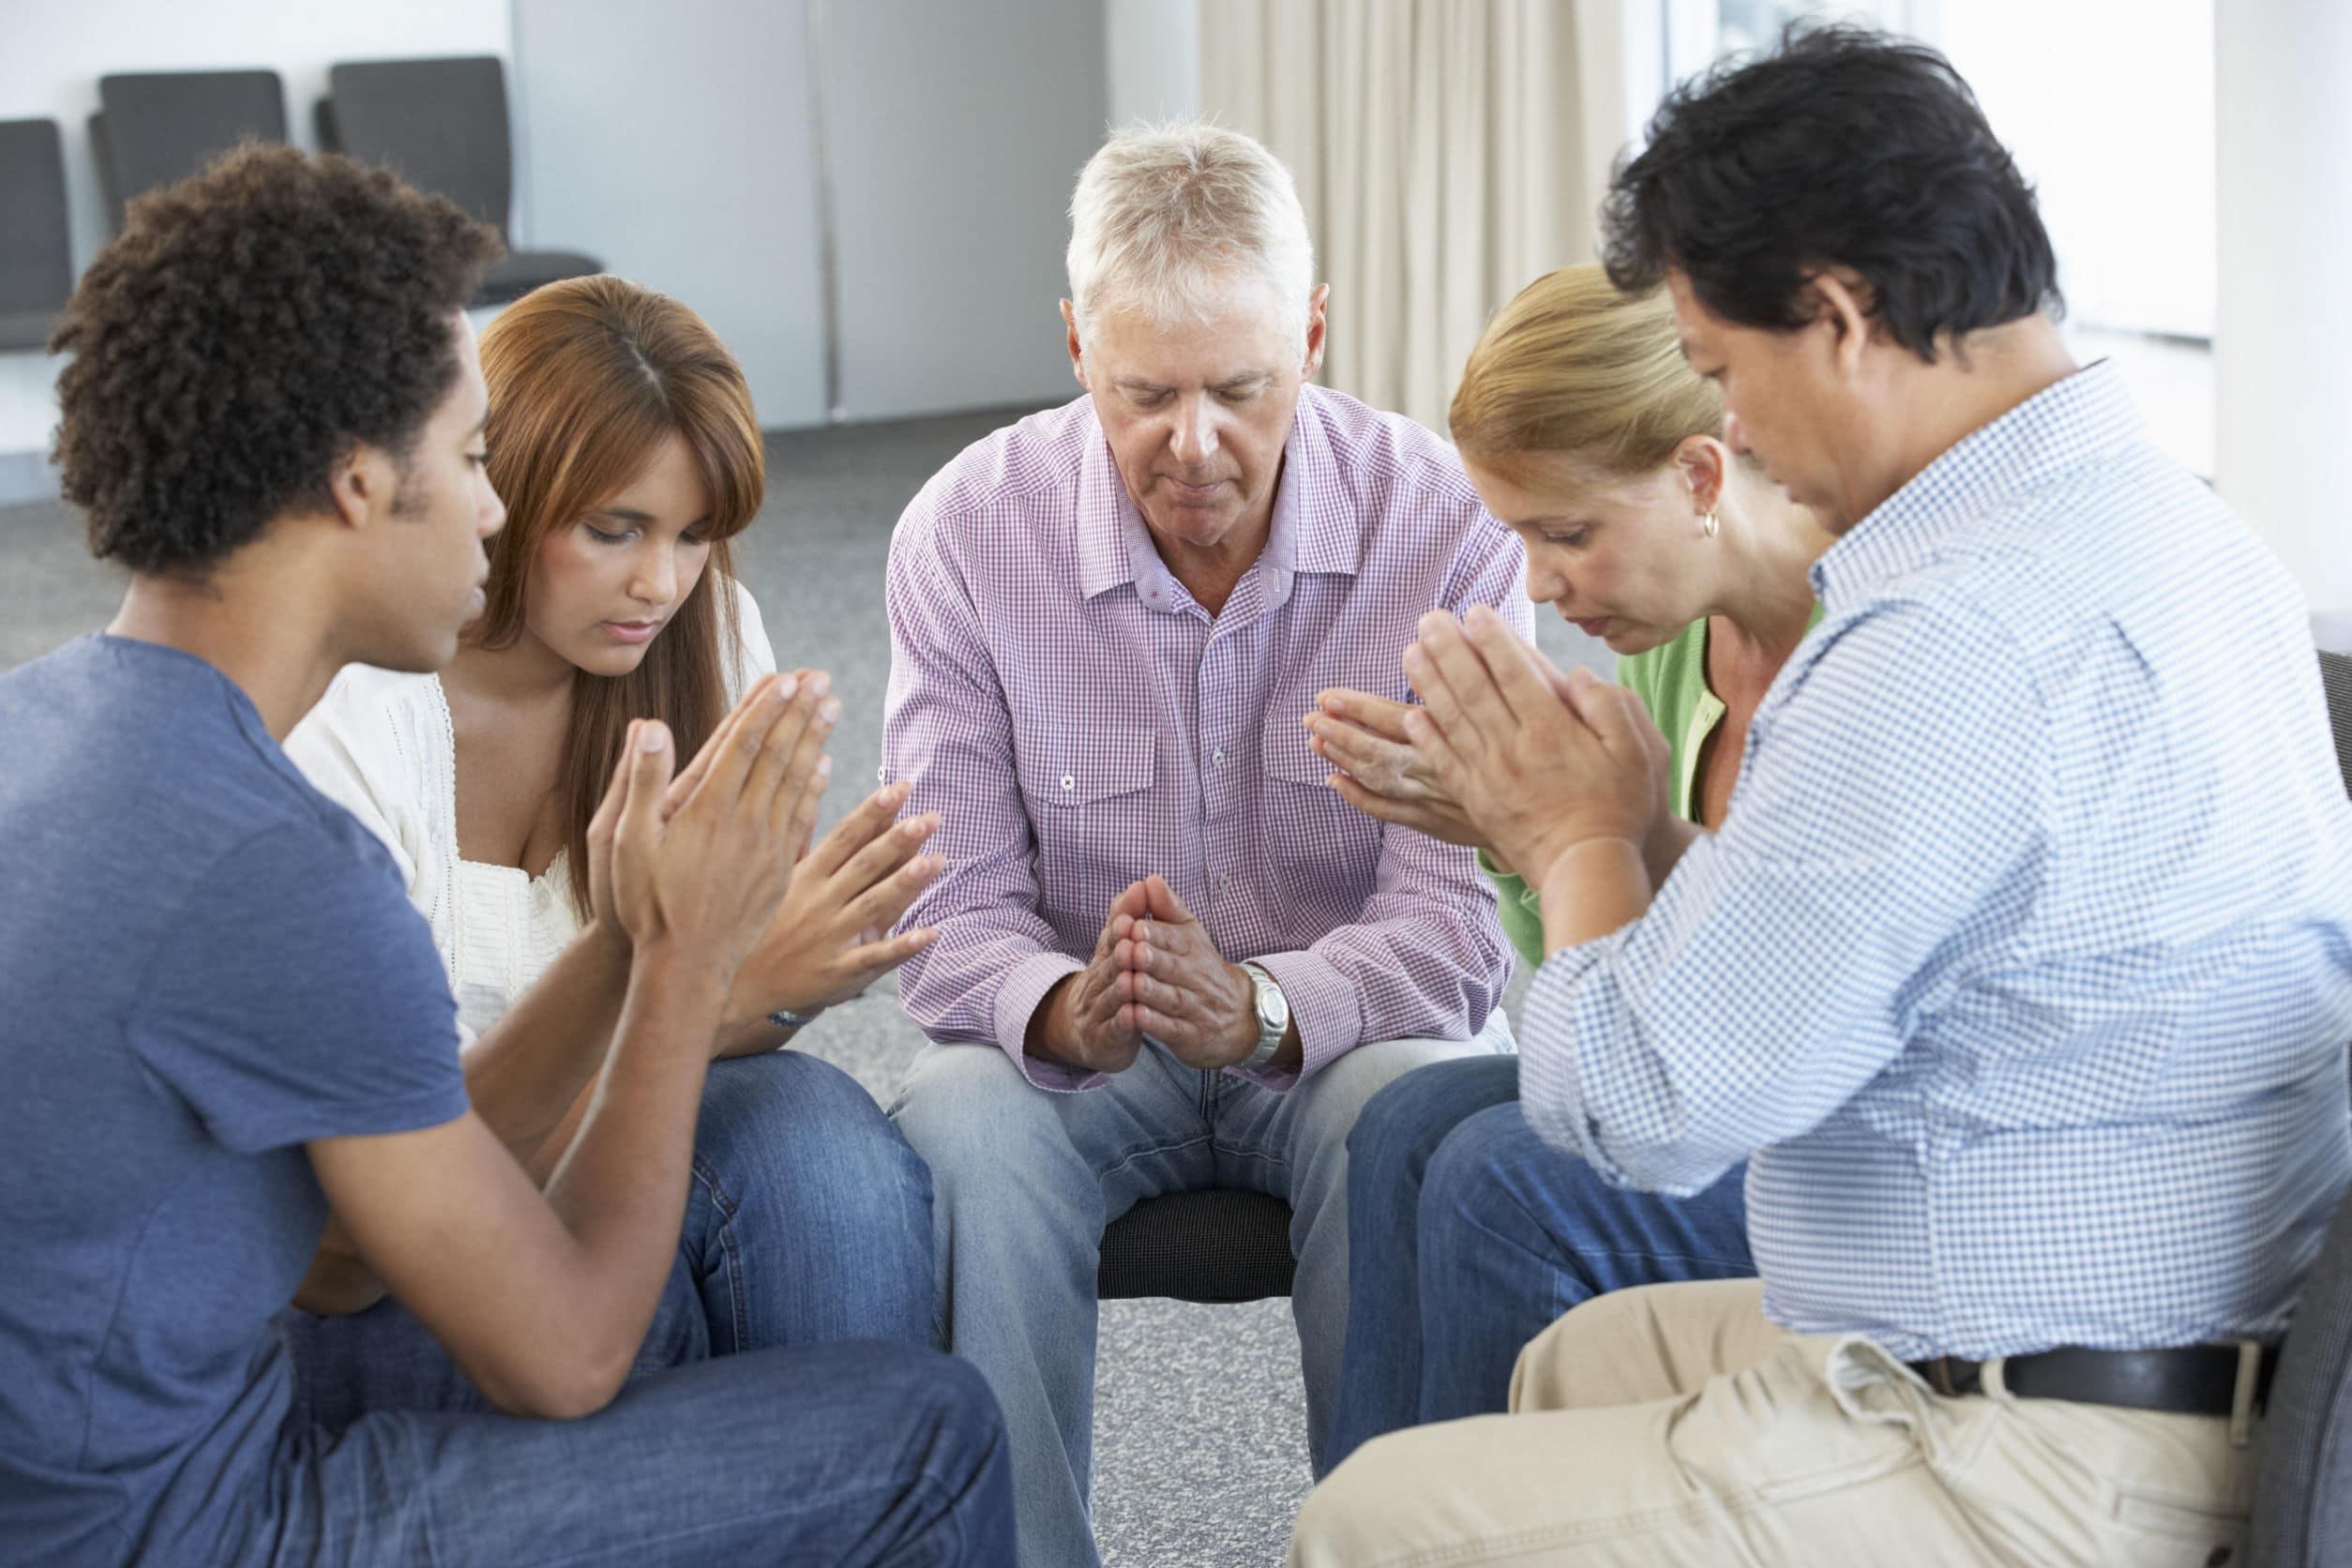 Grupo de pessoas de diversas etnias sentados formando um círculo, todos orando com as mãos juntas.